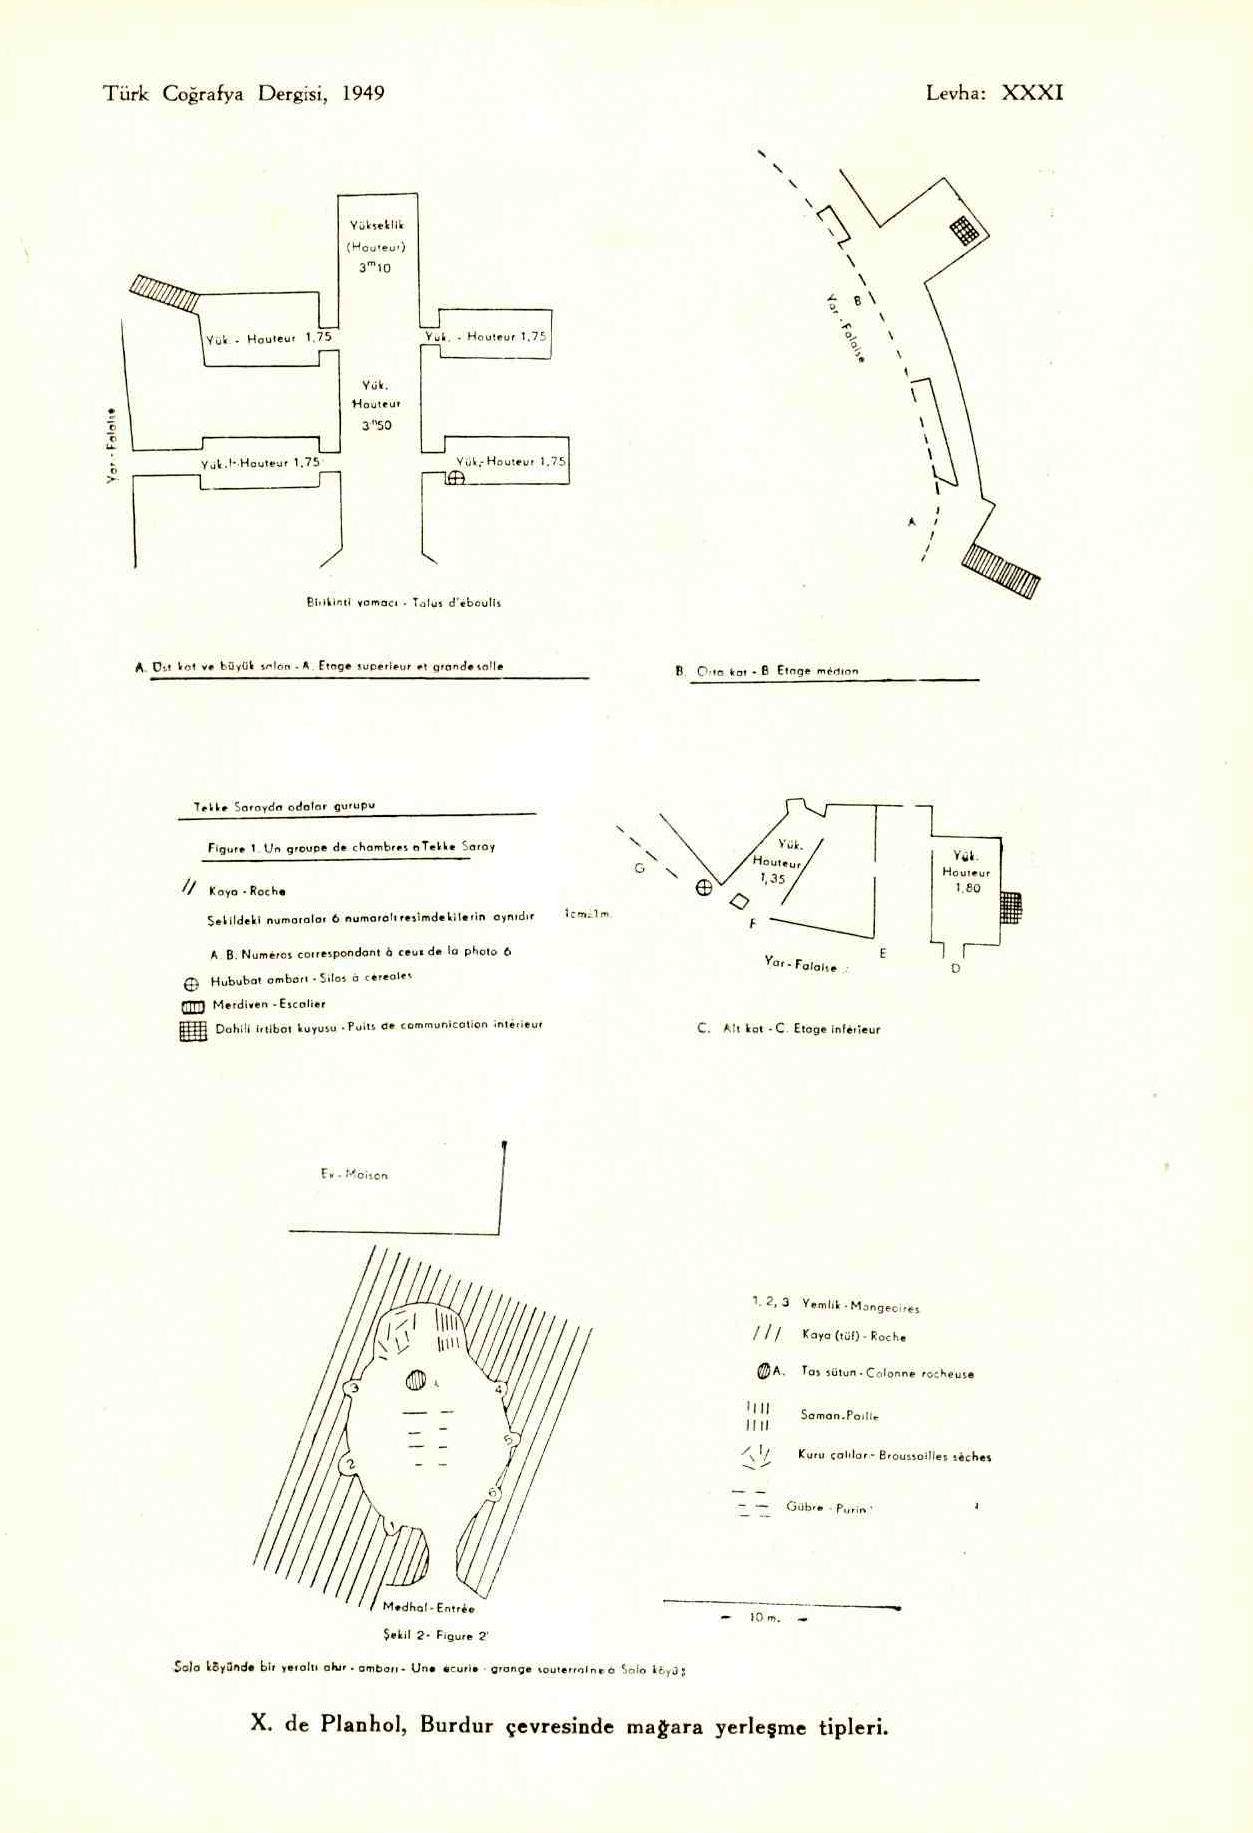 X. de Planhol, « Les types d'habitat troglodyte dans la région de Burdur », Revue de Géographie turque, 1949.